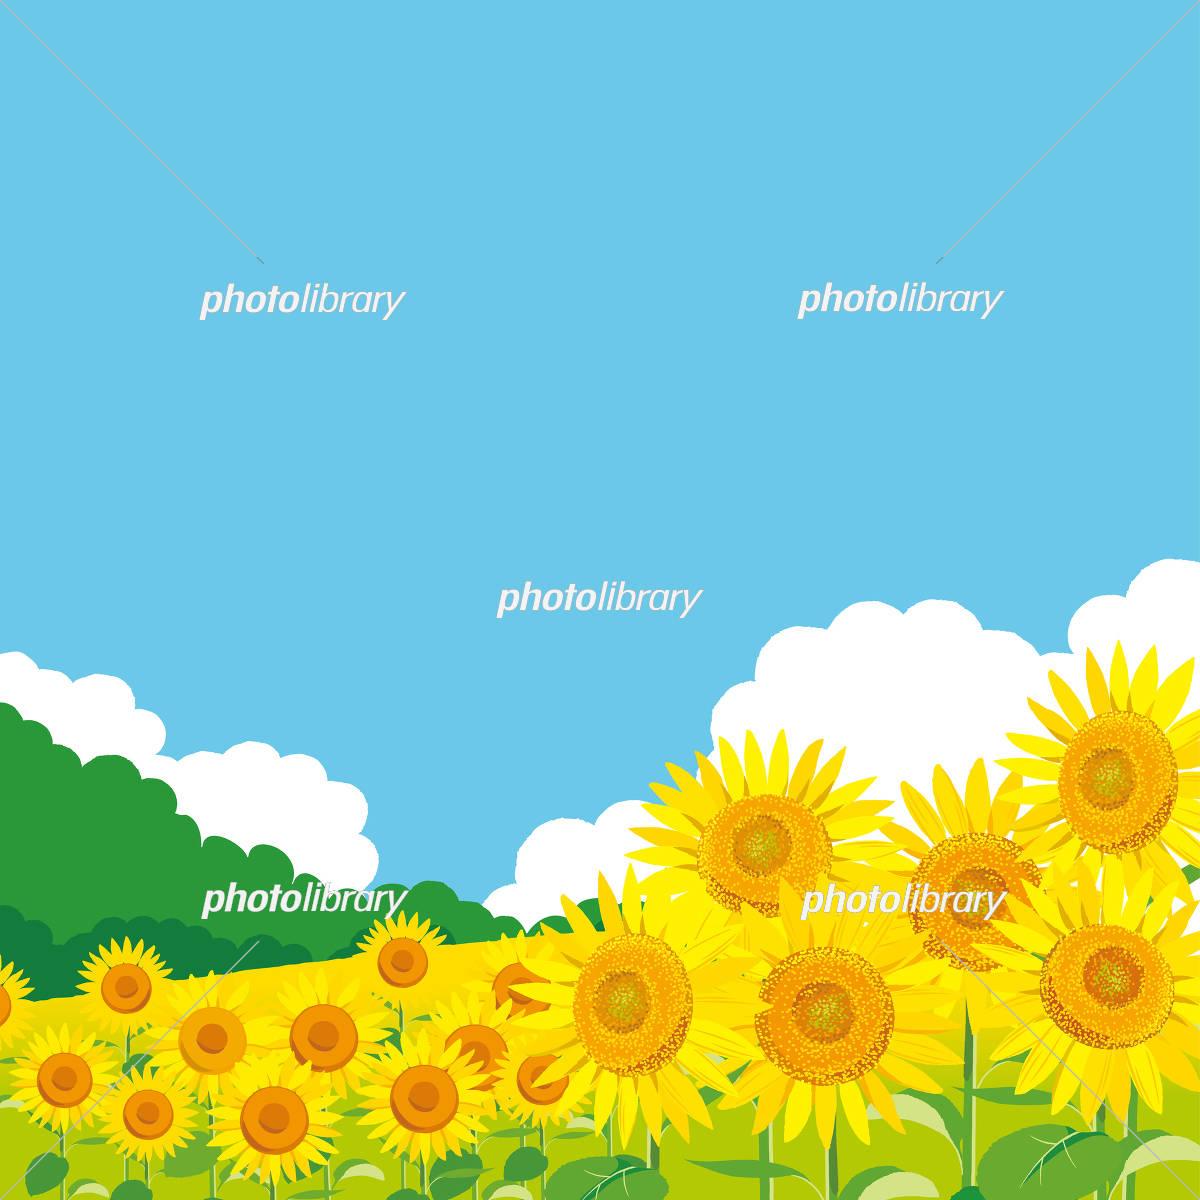 ひまわり 風景イラスト イラスト素材 5062265 フォトライブラリー